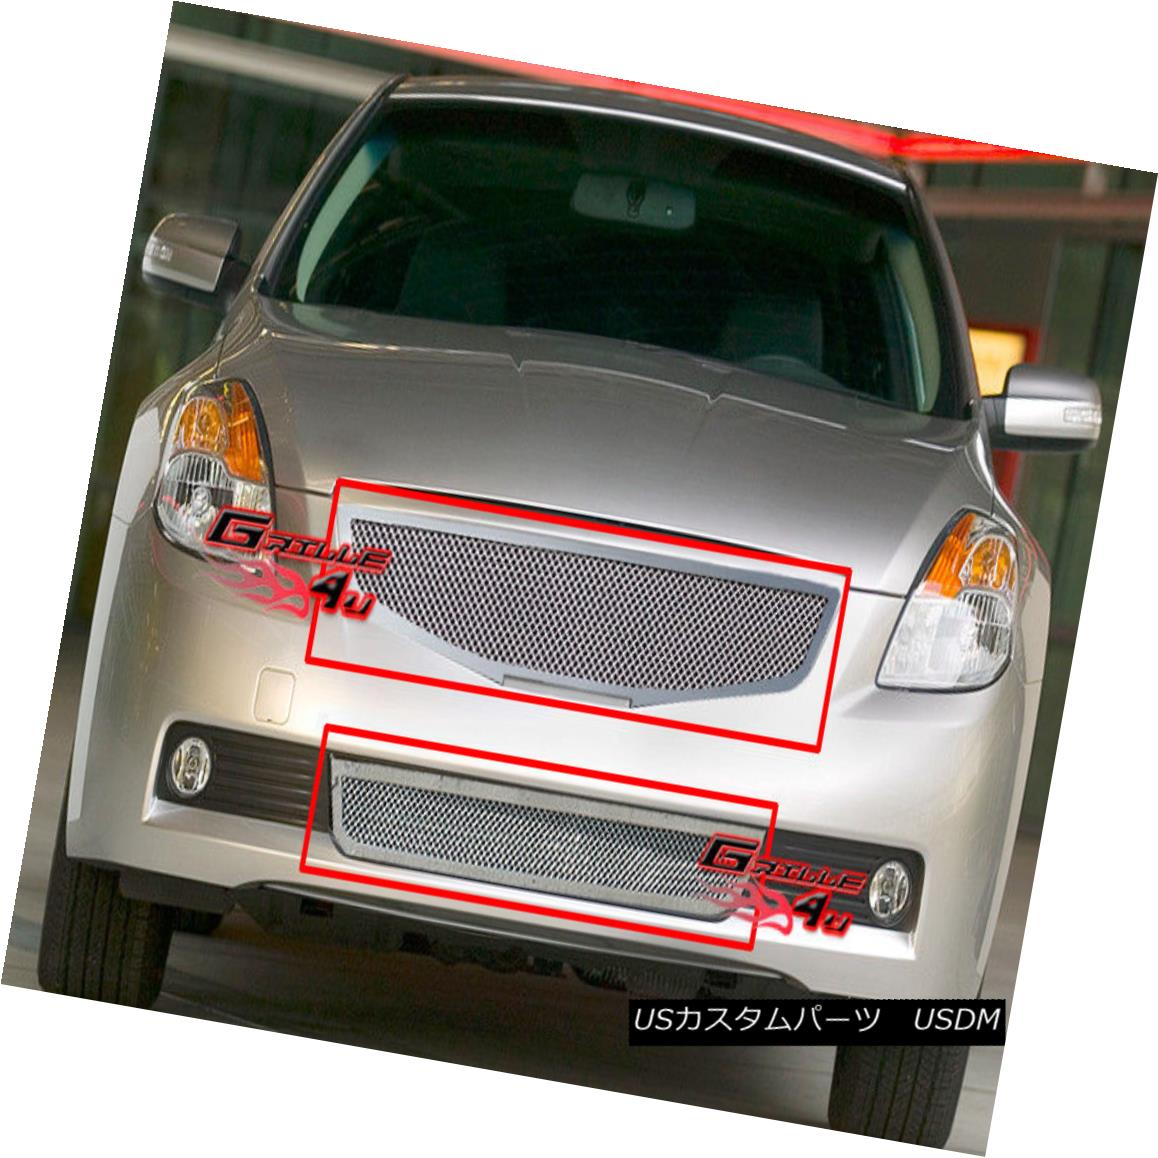 グリル Fits 07-09 Nissan Altima Coupe Stainless Mesh Grille Grill Combo Insert フィット07-09日産アルティマクーペステンレスメッシュグリルグリルコンボインサート